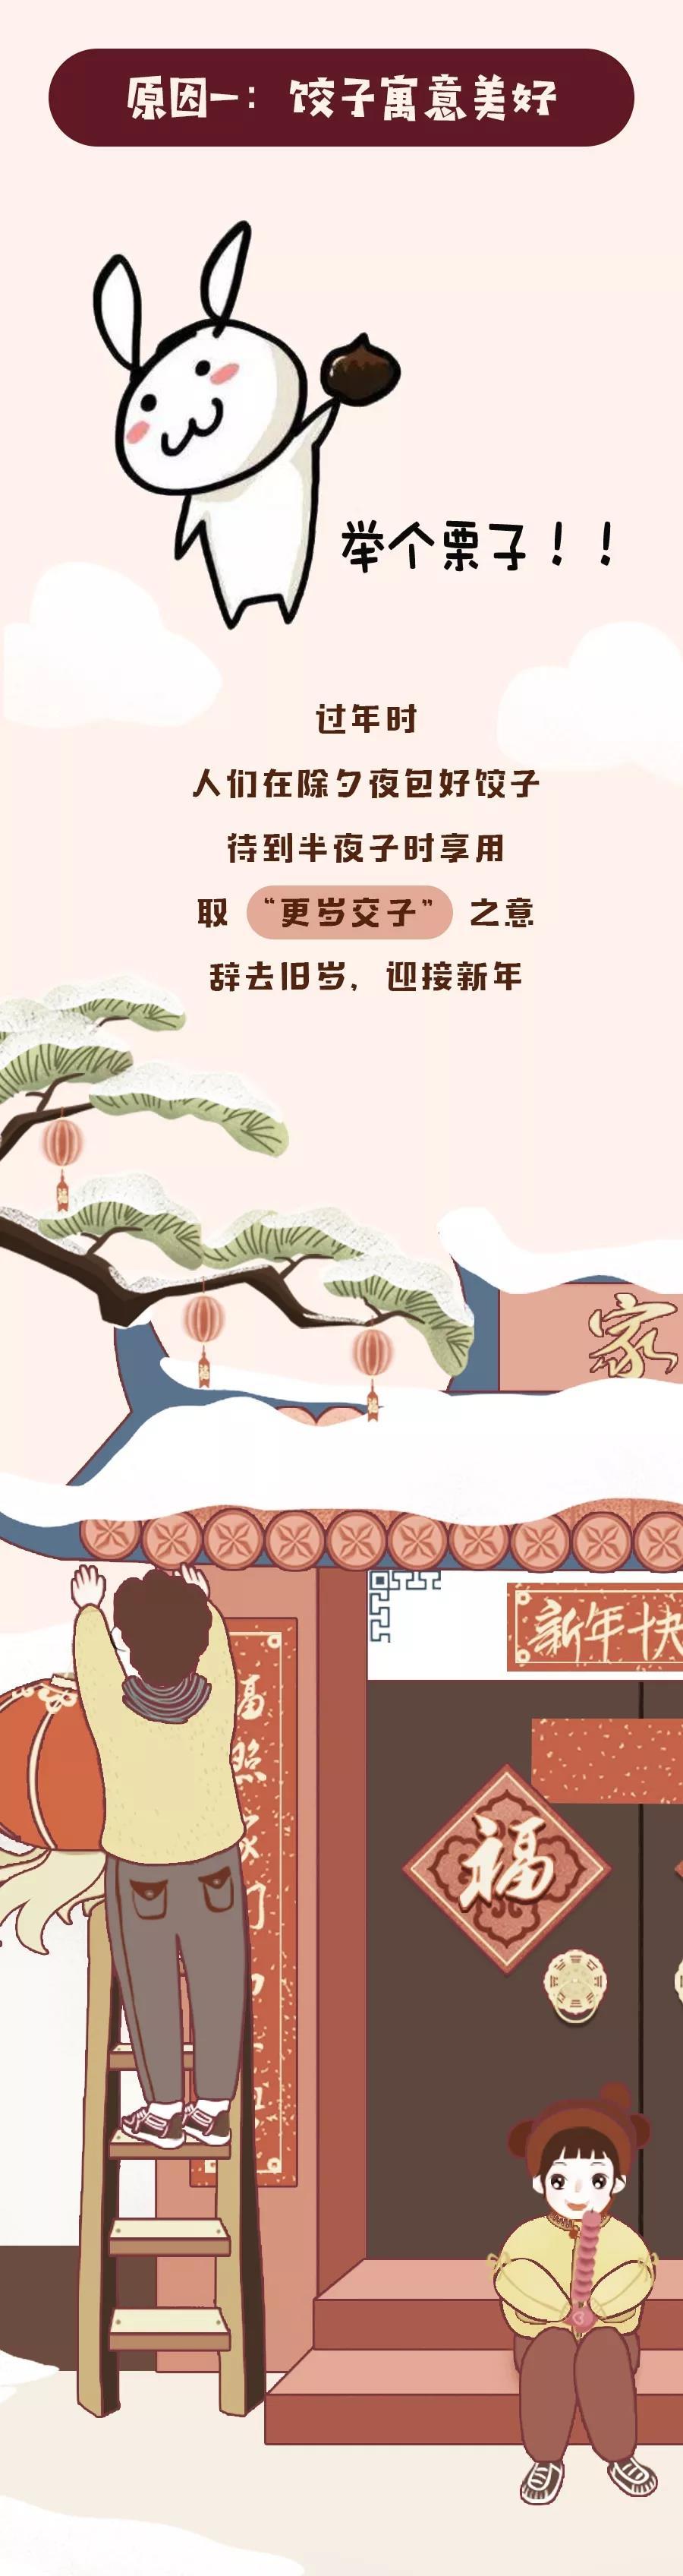 从平民教育到乡村振兴—长篇人物传记《晏阳初》出版